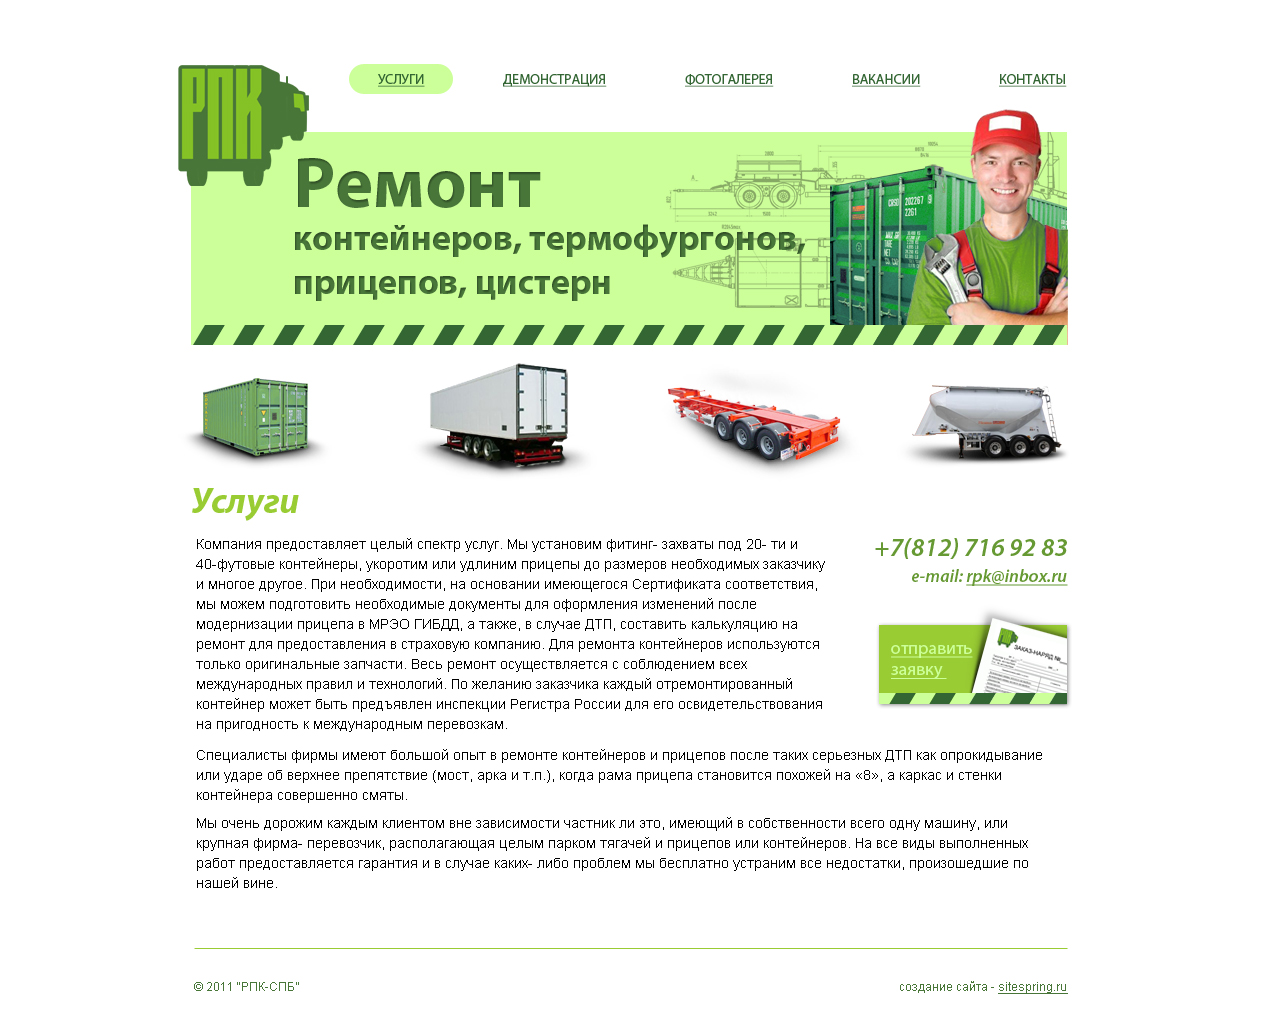 сайт компании по ремонту автоприцепов